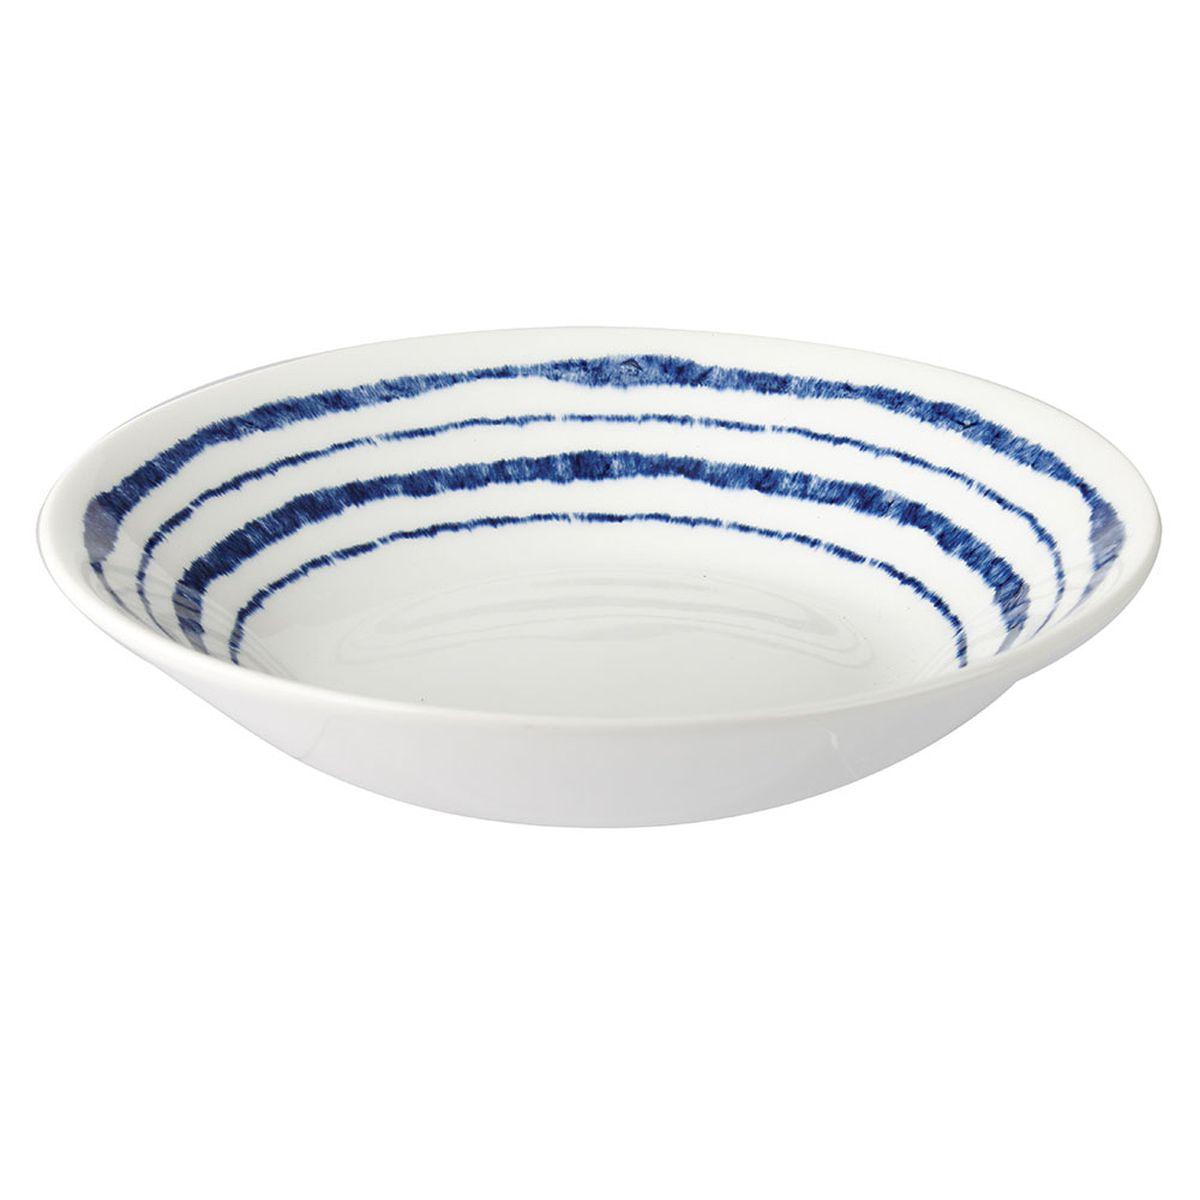 Тарелка суповая Churchill Инки, диаметр 15,5 см. INKI00111508023Суповая тарелка Churchill Инки выполнена из высококачественного фаянса. Изделие сочетает в себе изысканный дизайн с максимальной функциональностью. Тарелка прекрасно впишется в интерьер вашей кухни и станет достойным дополнением к кухонному инвентарю. Суповая тарелка Churchill Инки подчеркнет прекрасный вкус хозяйки и станет отличным подарком.Можно мыть в посудомоечной машине и использовать в микроволновой печи.Диаметр тарелки (по верхнему краю): 15,5 см.